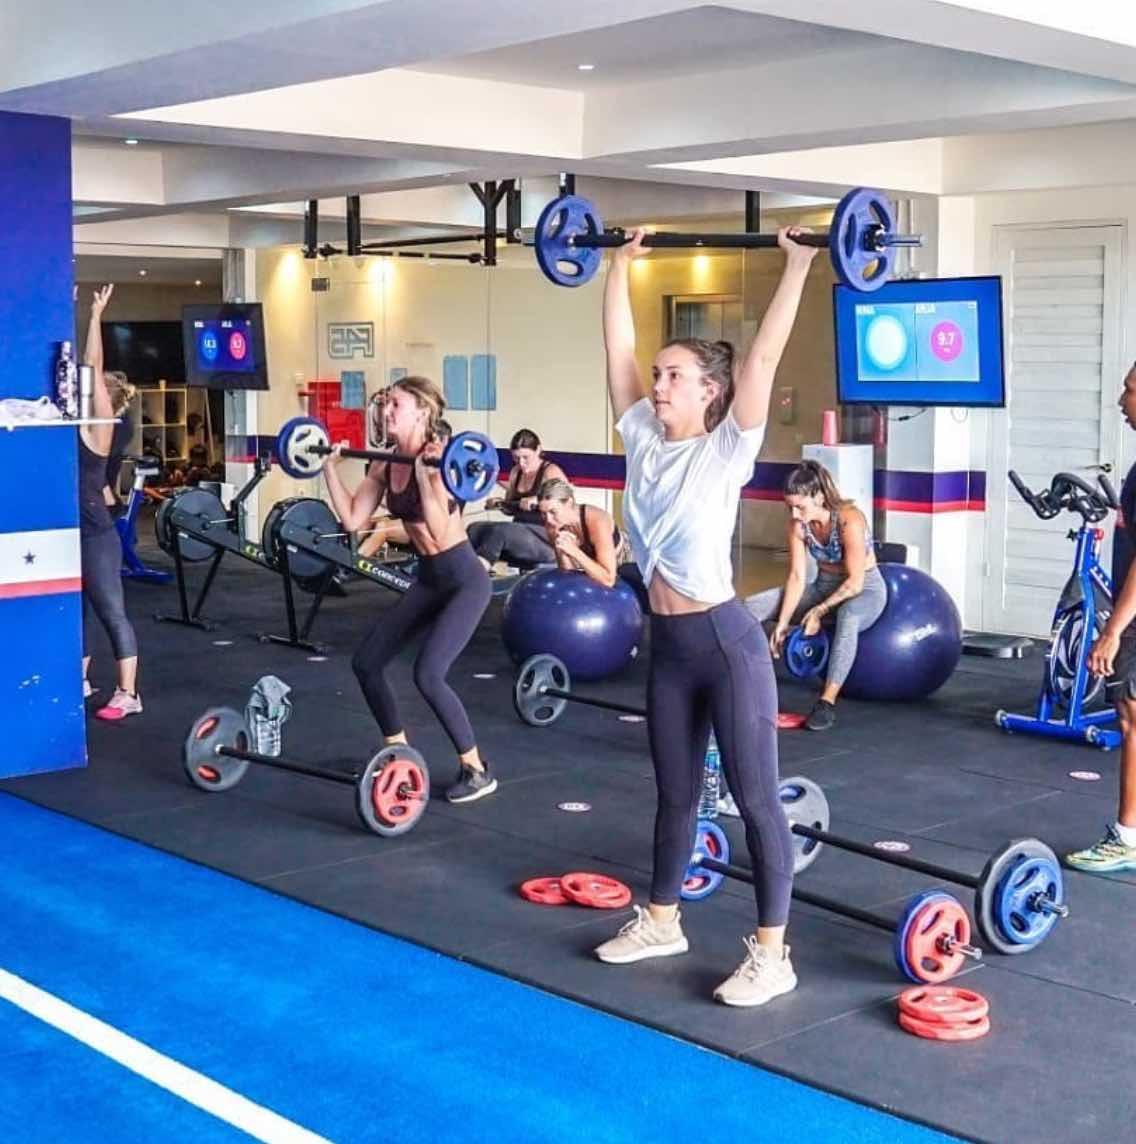 f45 training seminyak - gyms seminyak